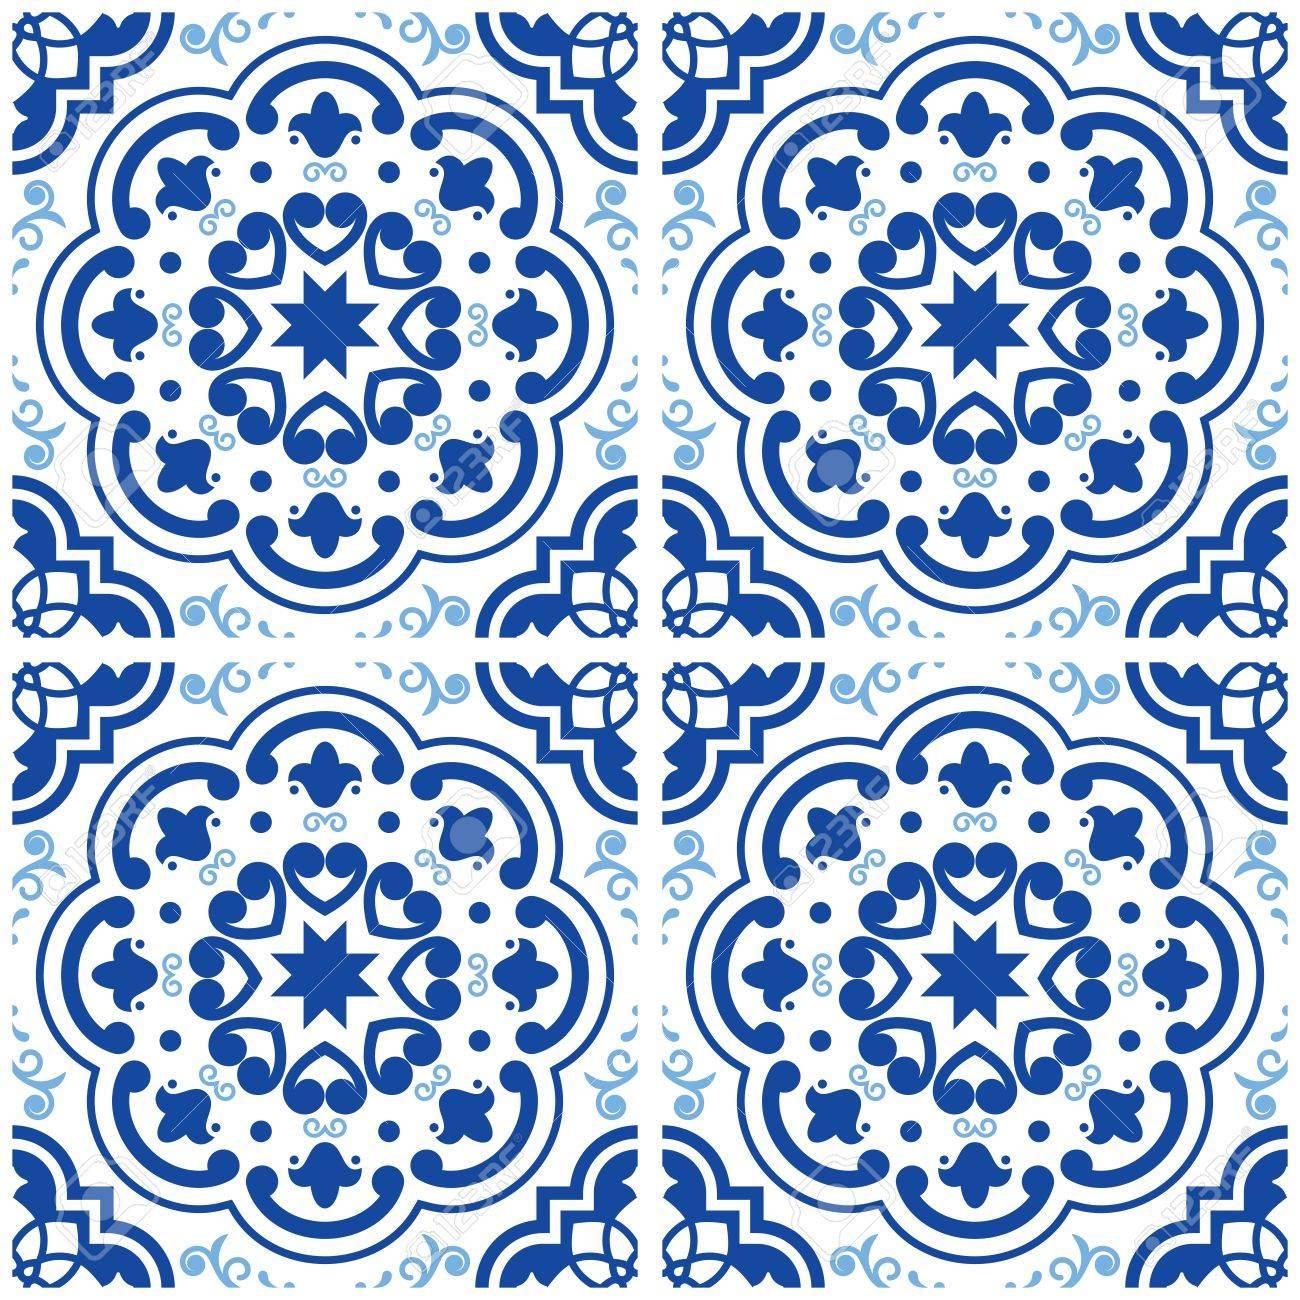 azulejos motif de sol en carrelage portugais mosaique bleu indigo de lisbonne design ceramique geometrique vintage fond de vecteur espagnol